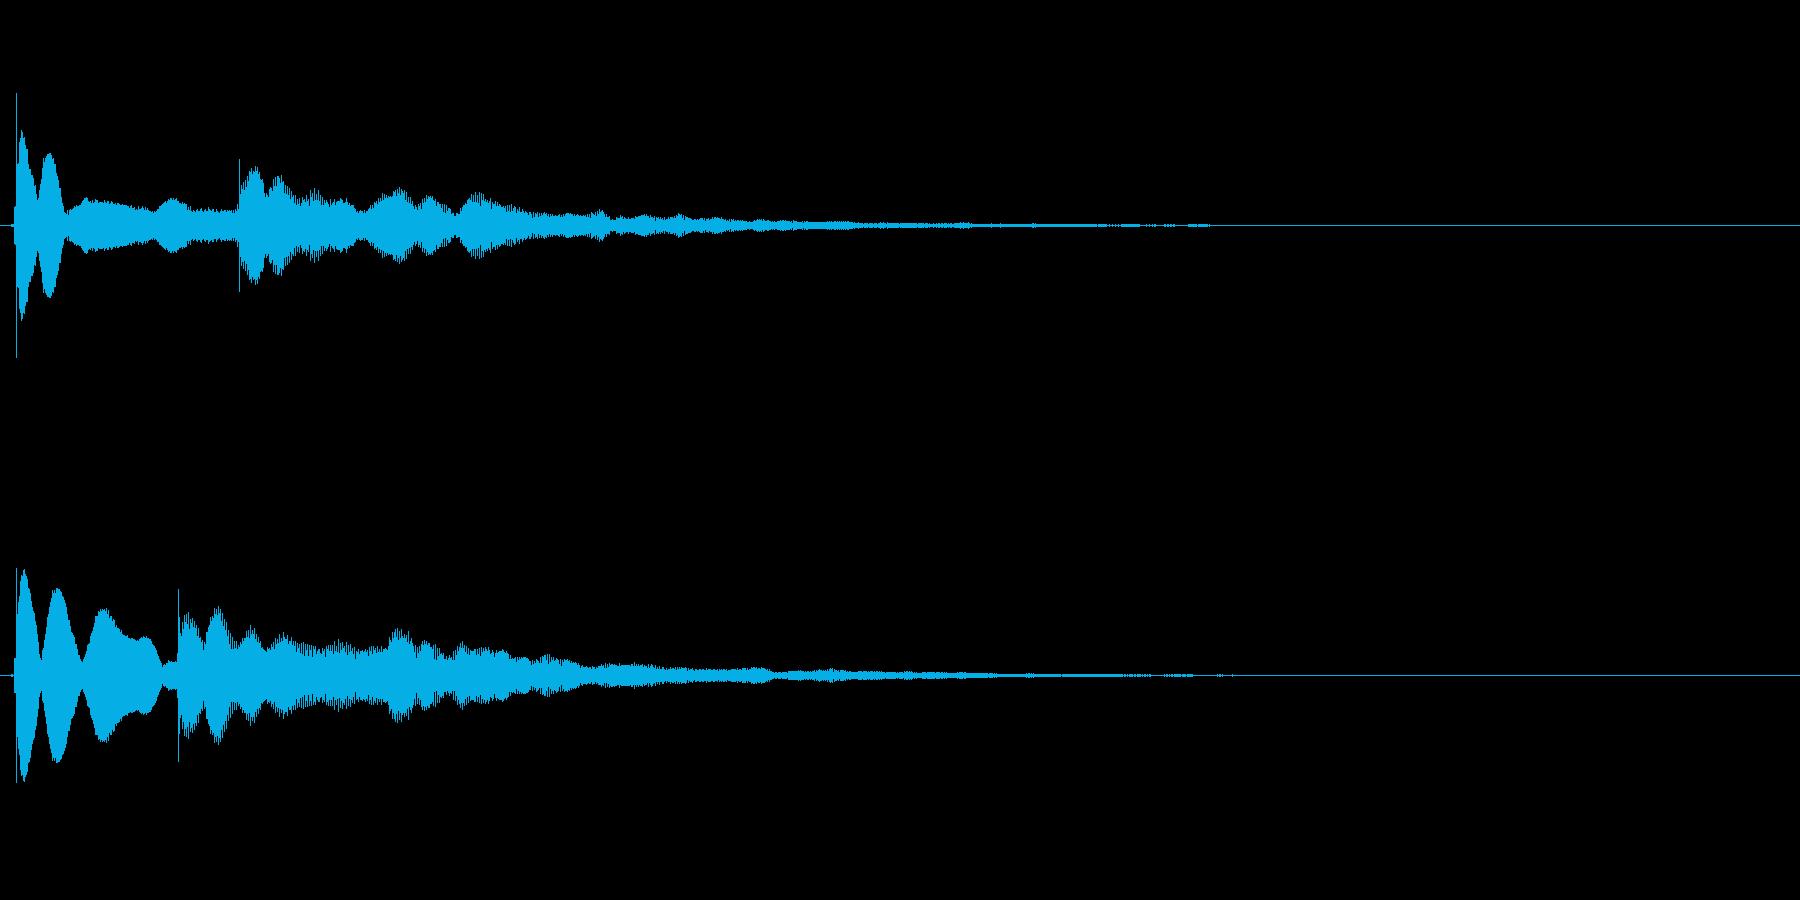 【チーン01-3】の再生済みの波形